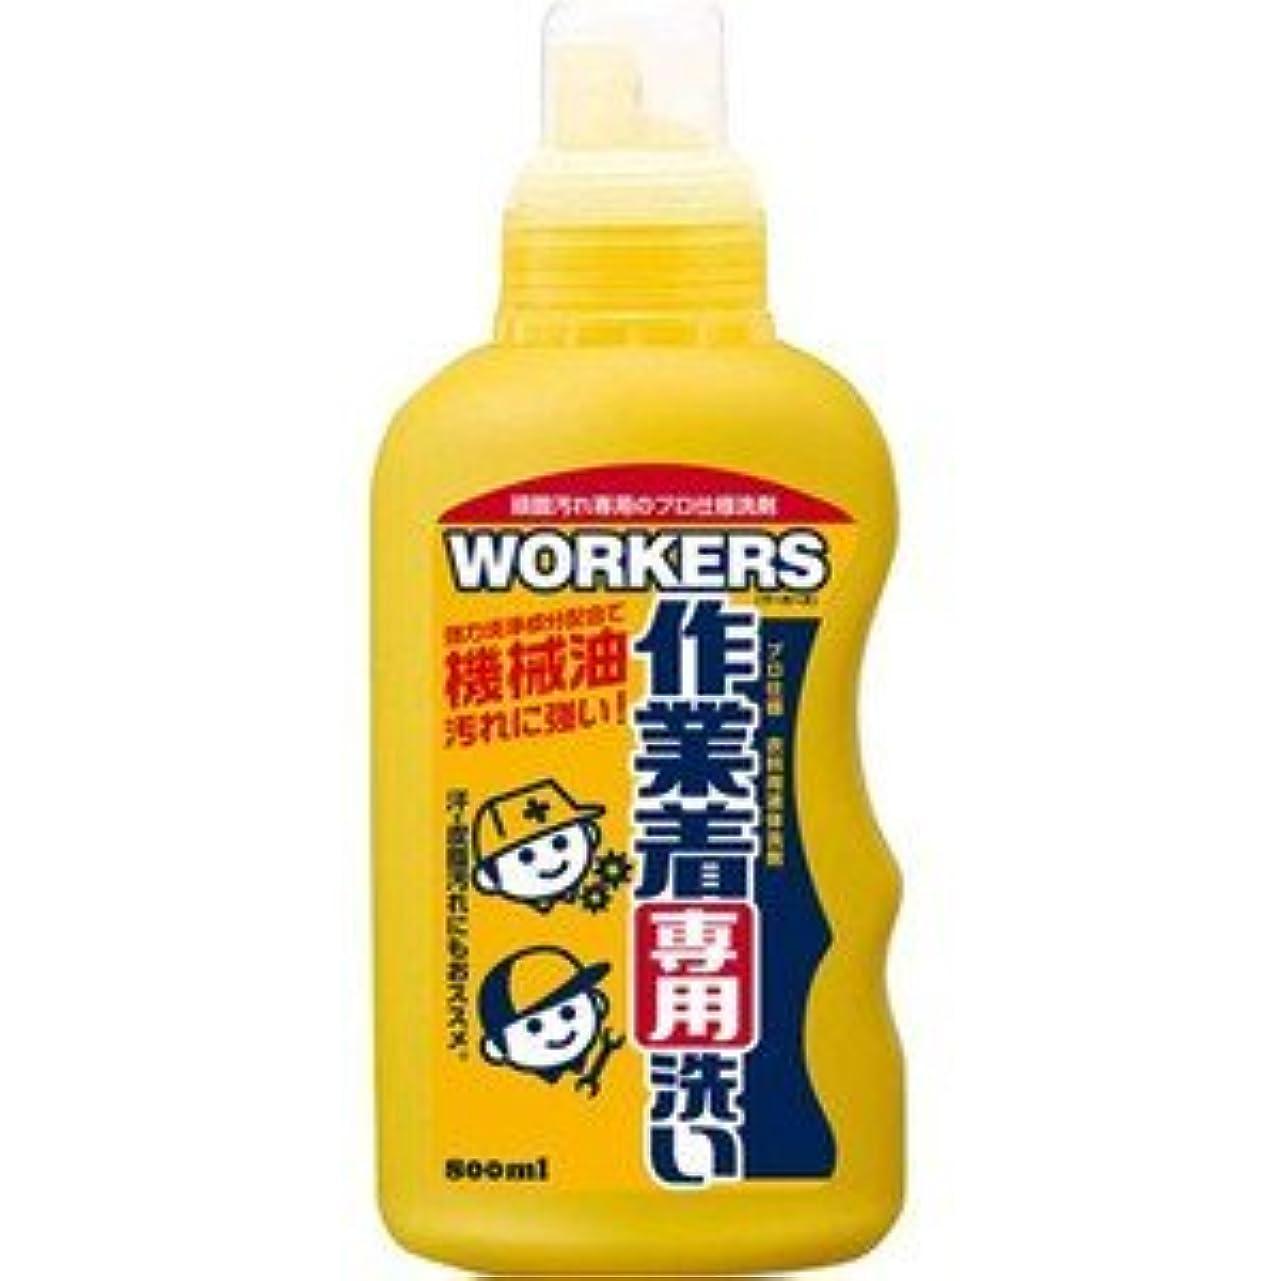 俳句航空ベル(NSファーファ?ジャパン)WORKERS 作業着液体洗剤 本体 800ml(お買い得3個セット)